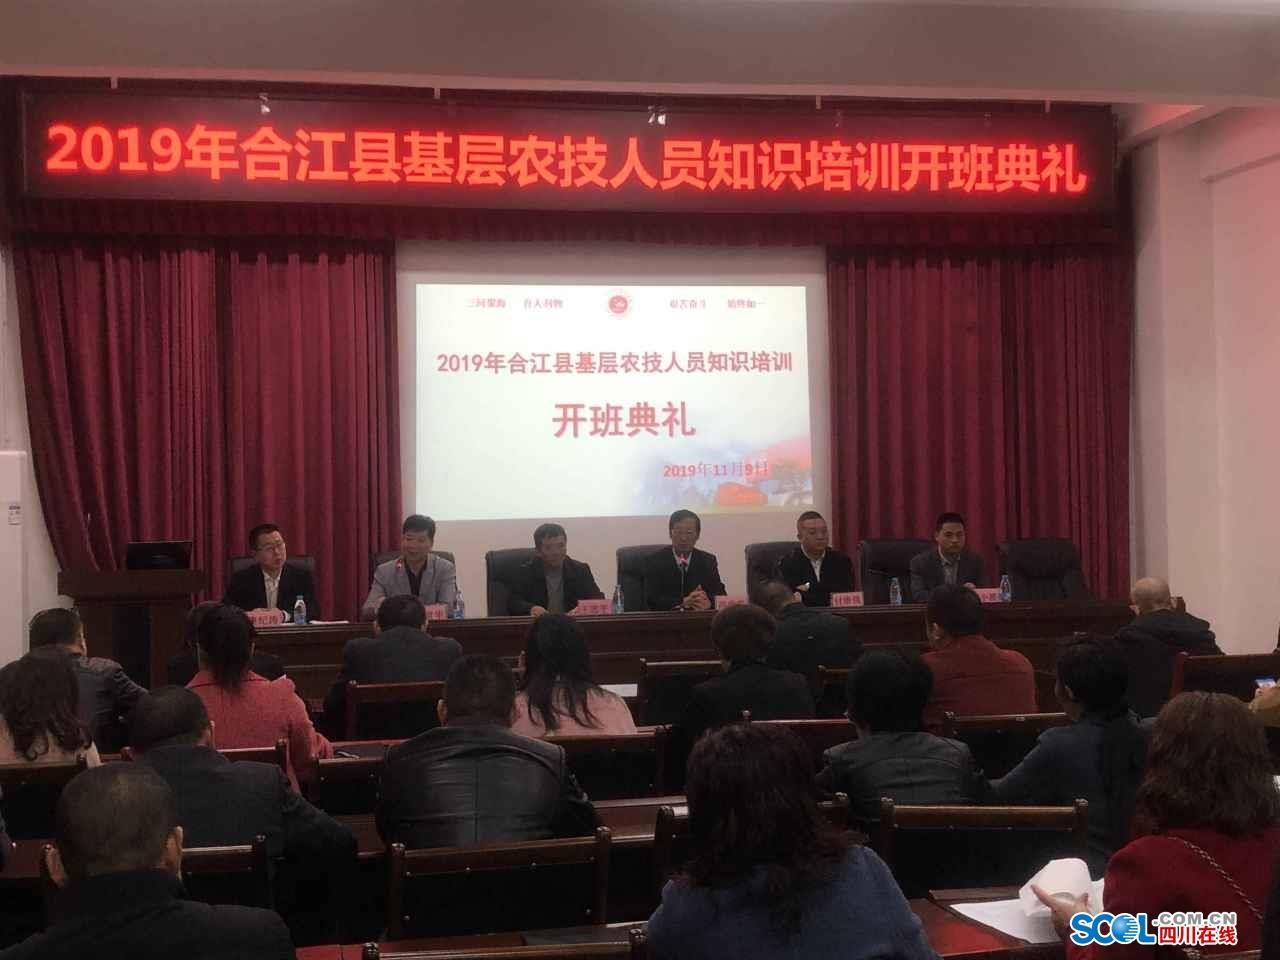 四川三河职业学院举行2019年基层农业技术人员培训开班典礼